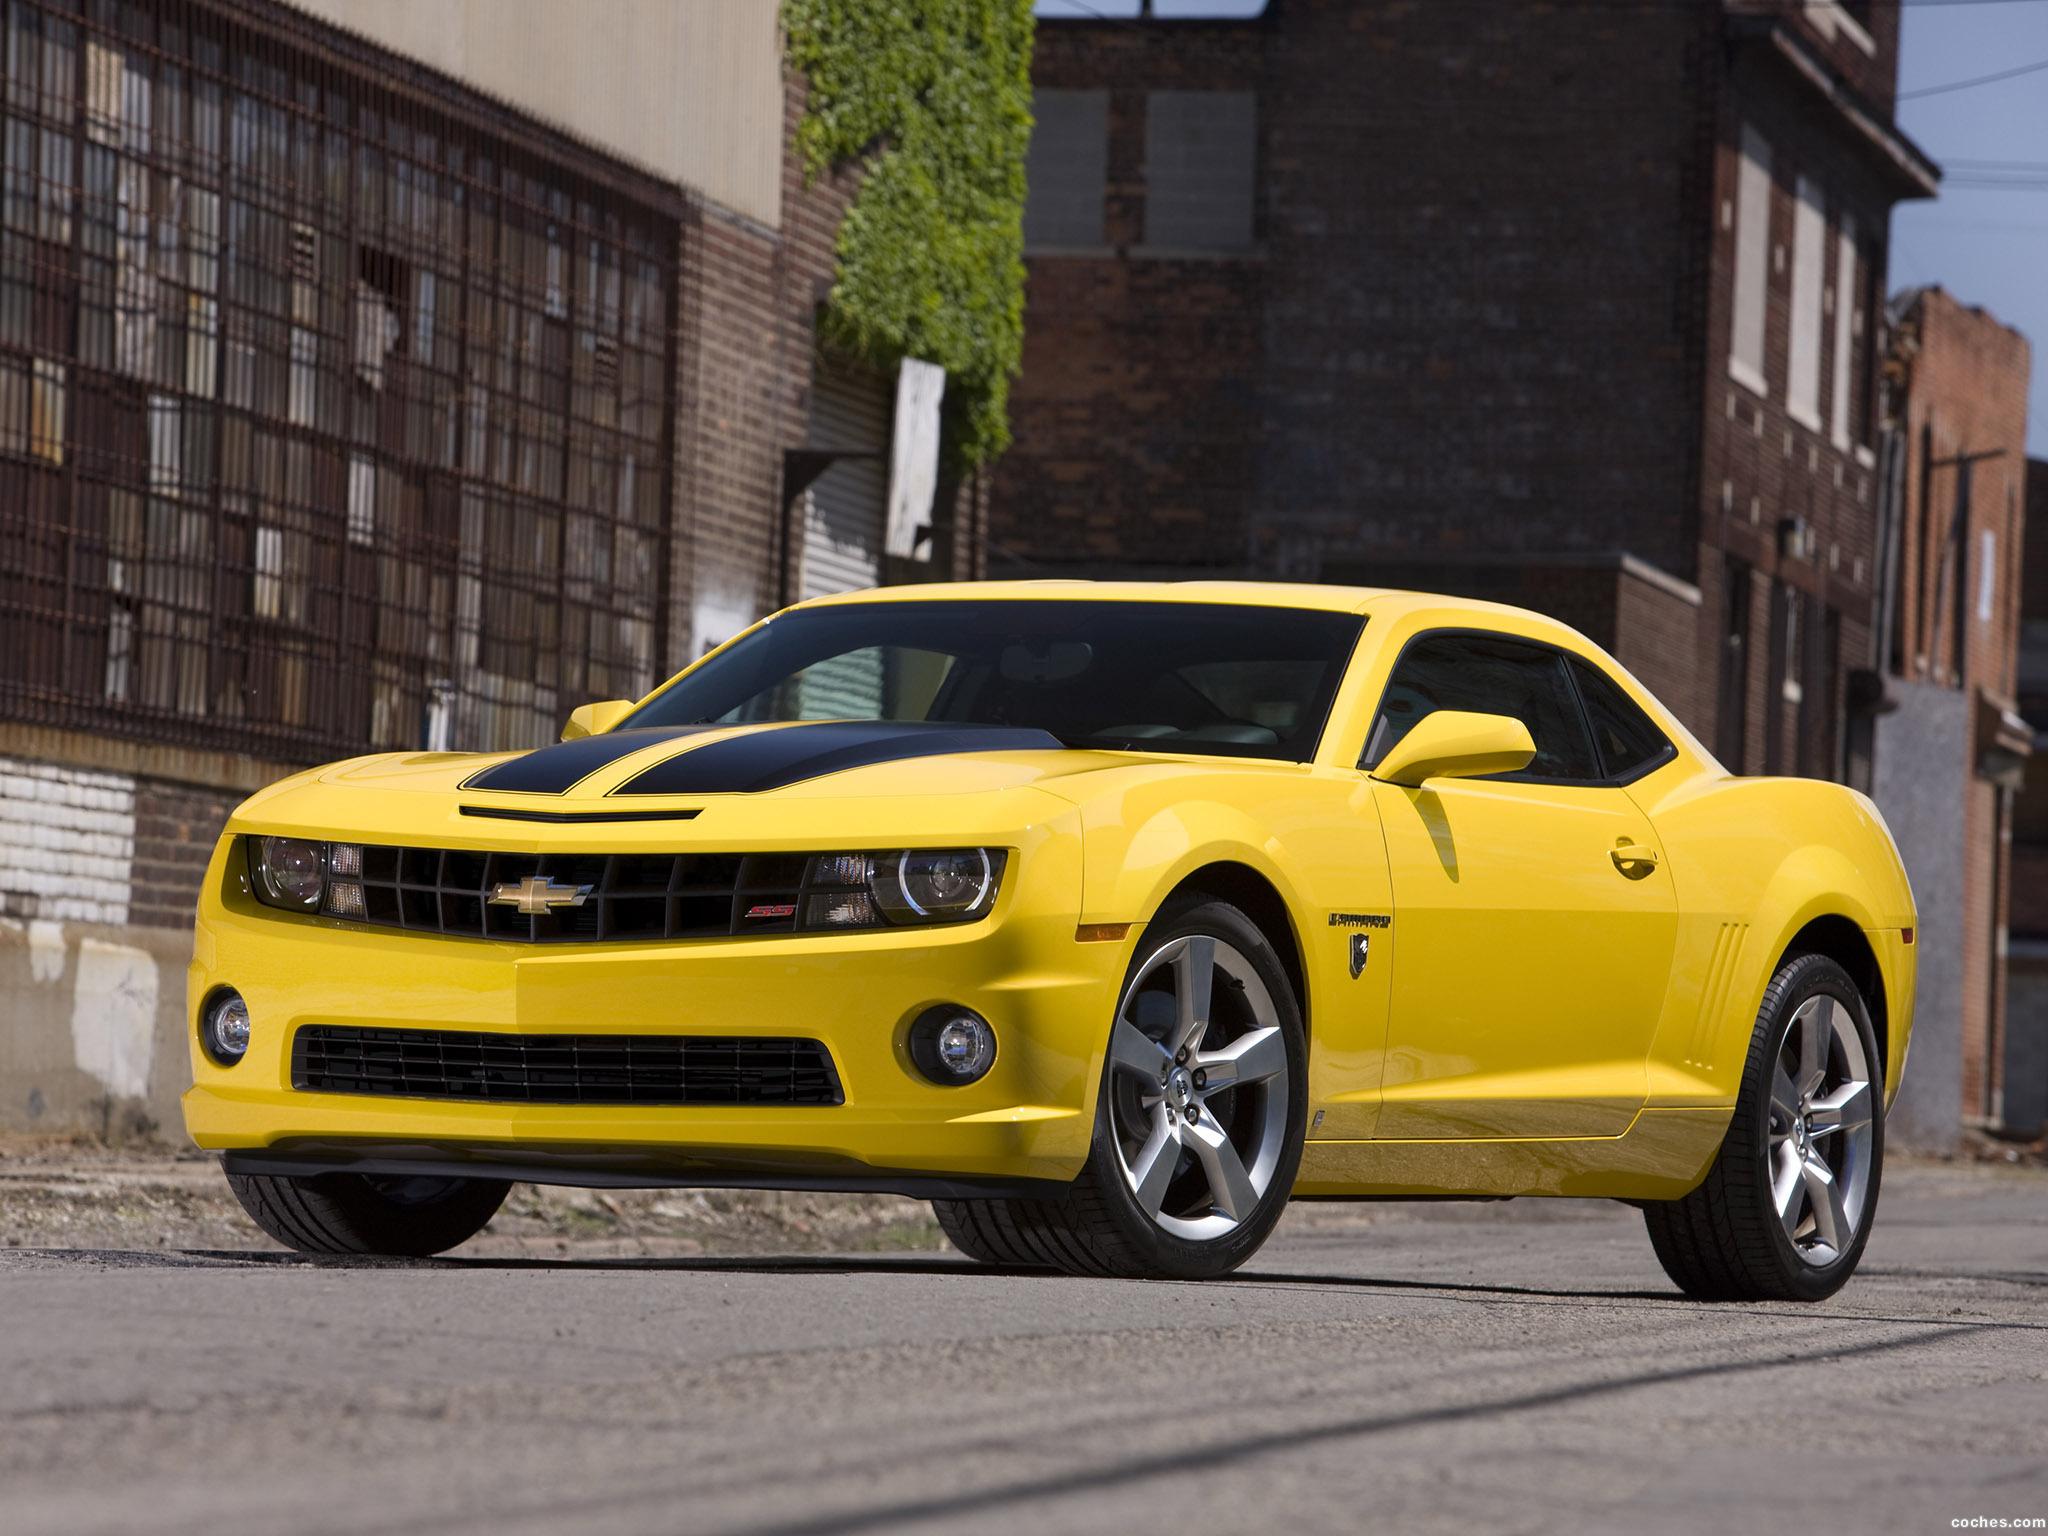 Foto 0 de Chevrolet Camaro Transformers Special Edition 2009